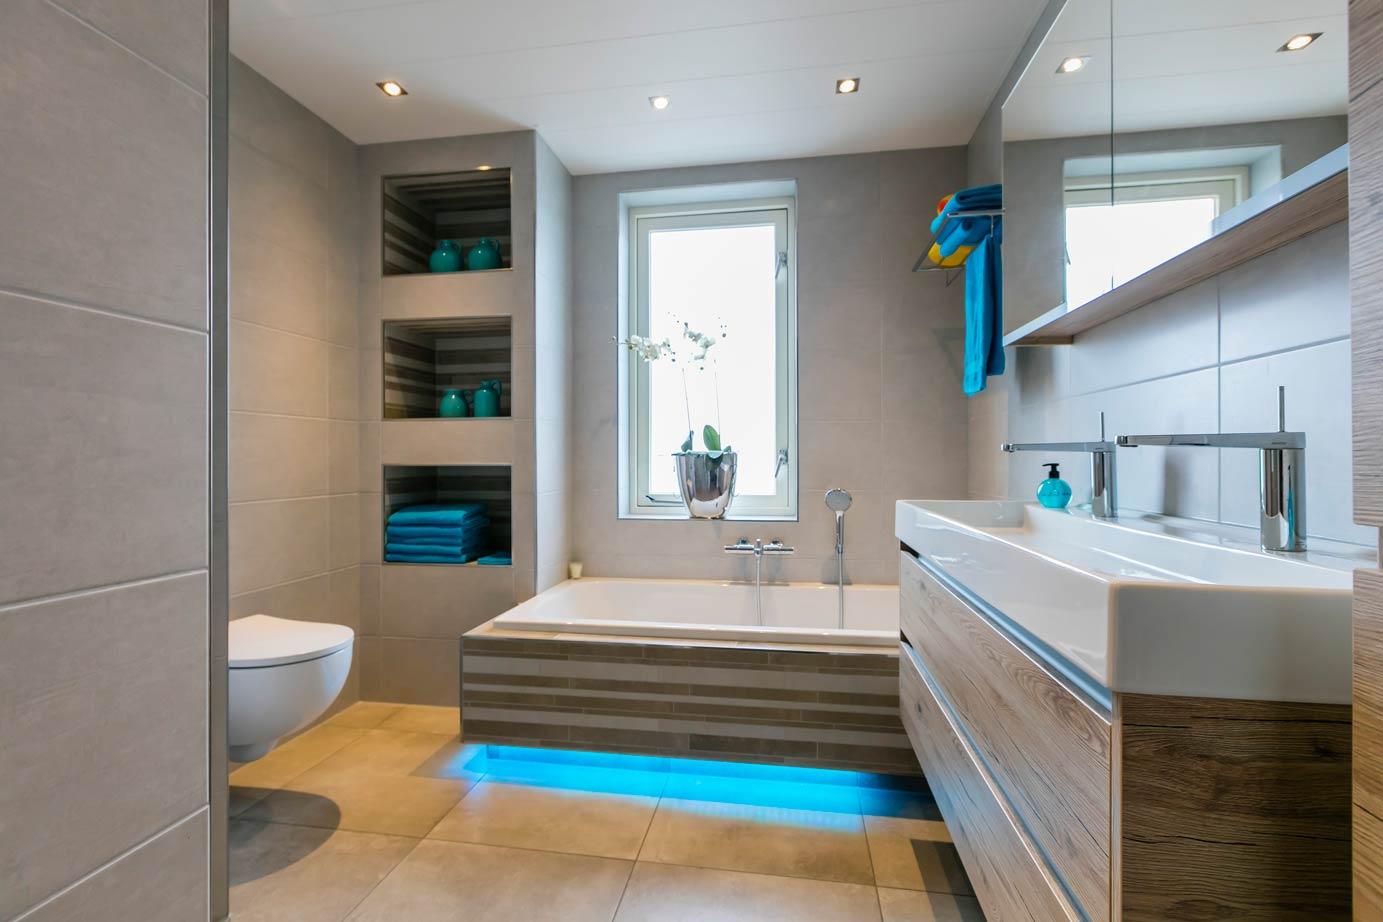 Badkamer Showroom Goes : Een badkamer kopen in ermelo lees deze klantervaring db keukens